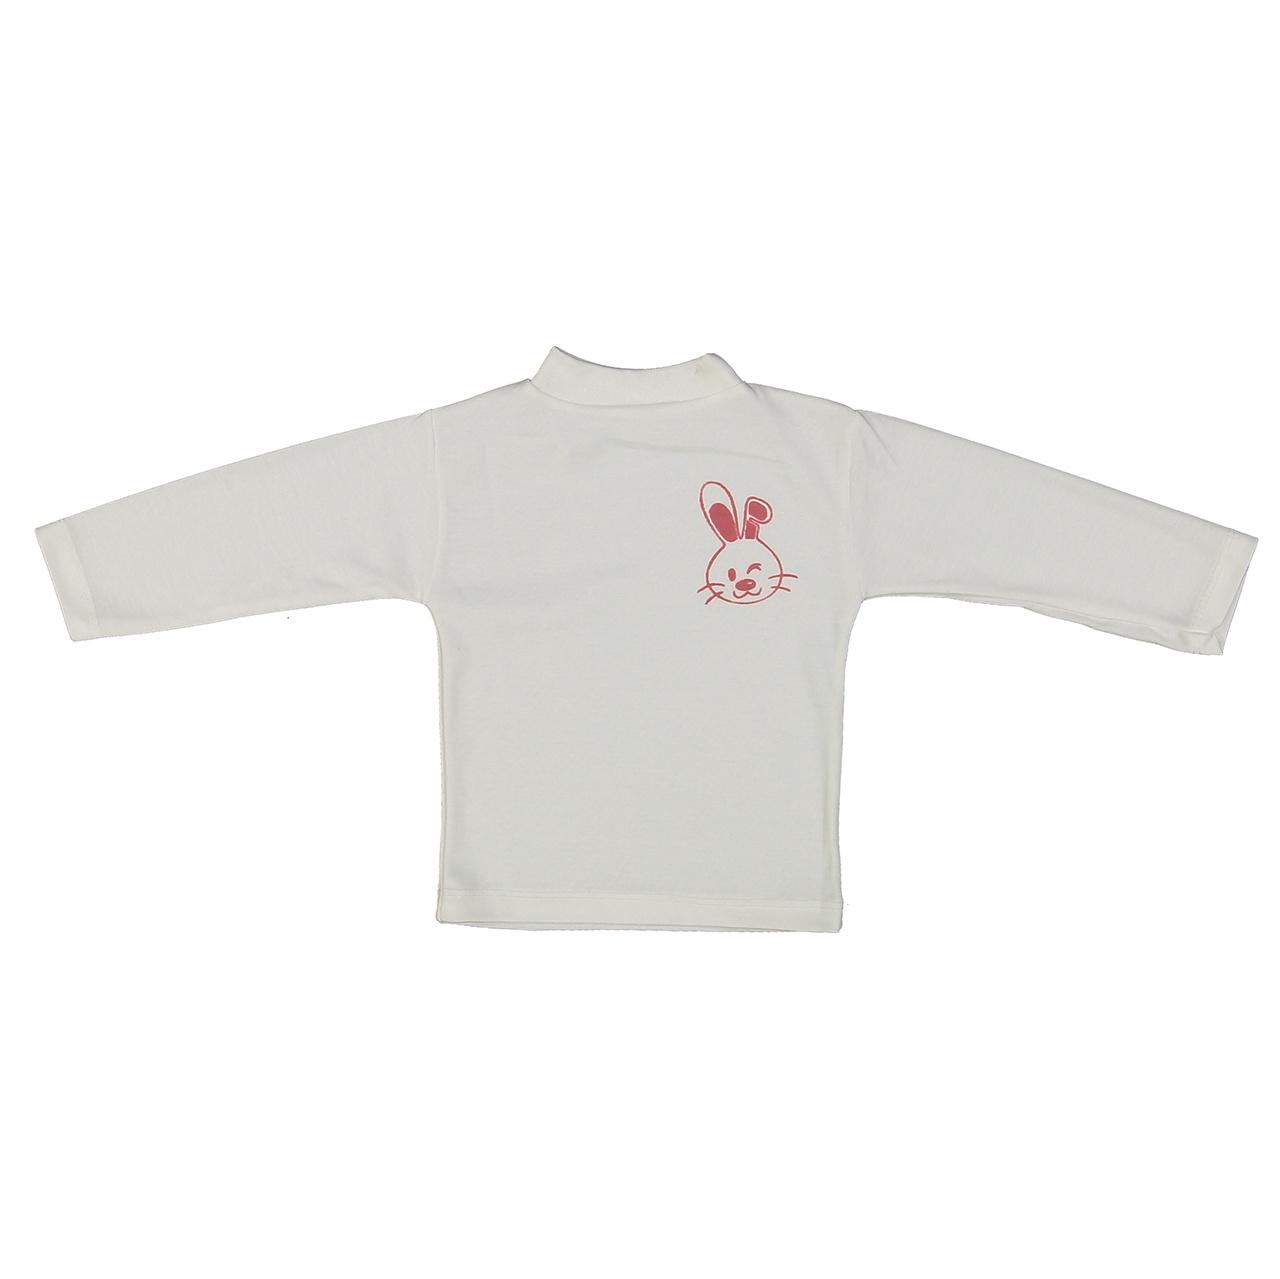 تی شرت نوزادی طرح خرگوش کد 40